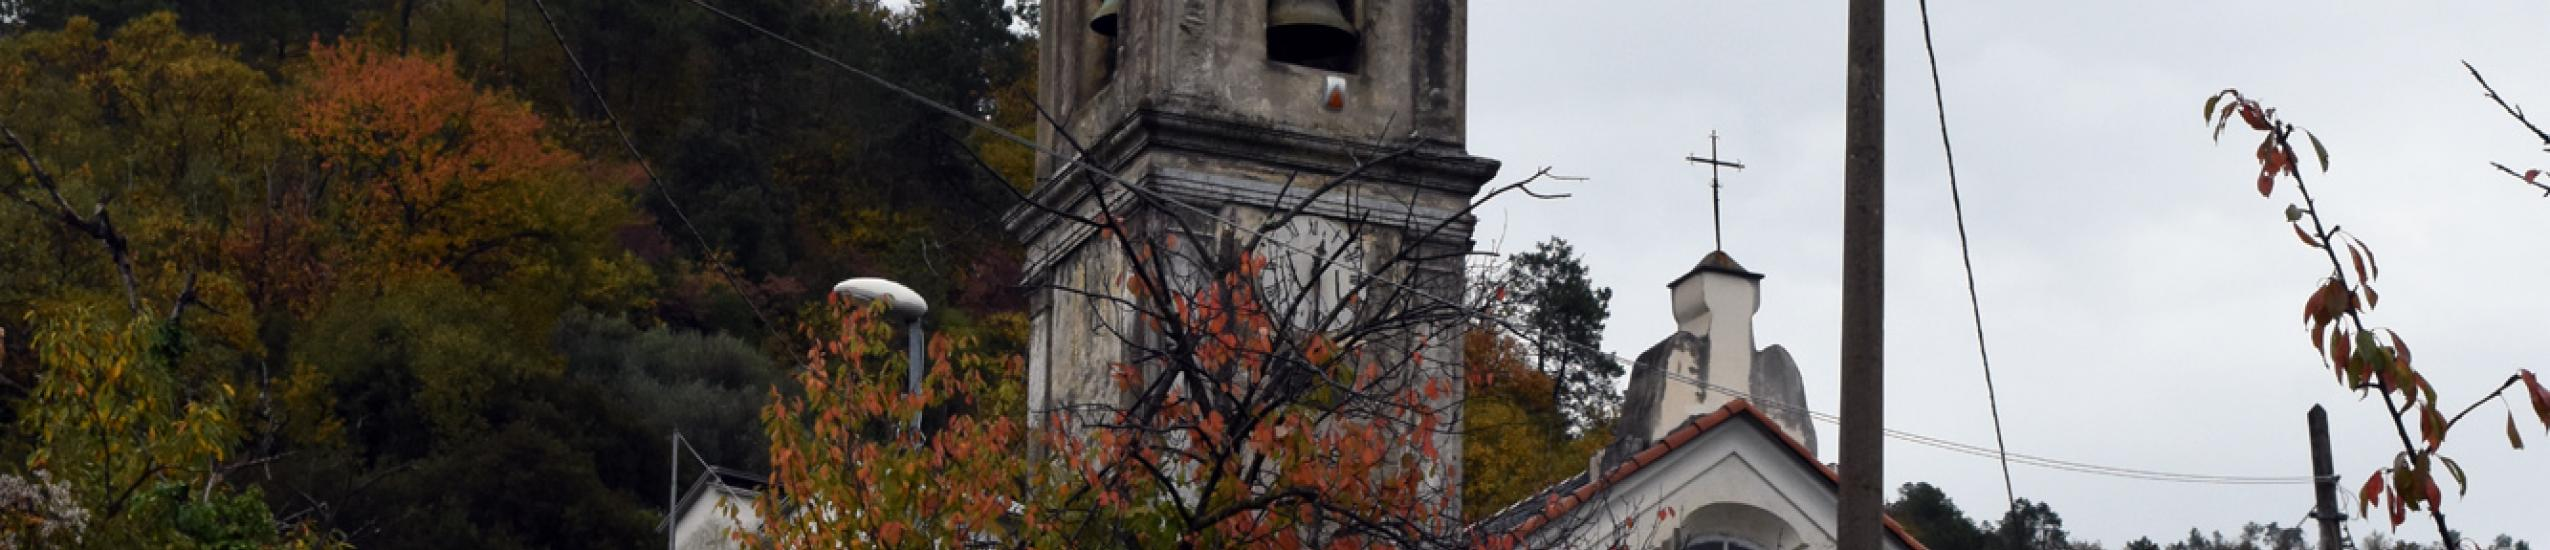 Chiesa dei Santi Cipriano e Giustina